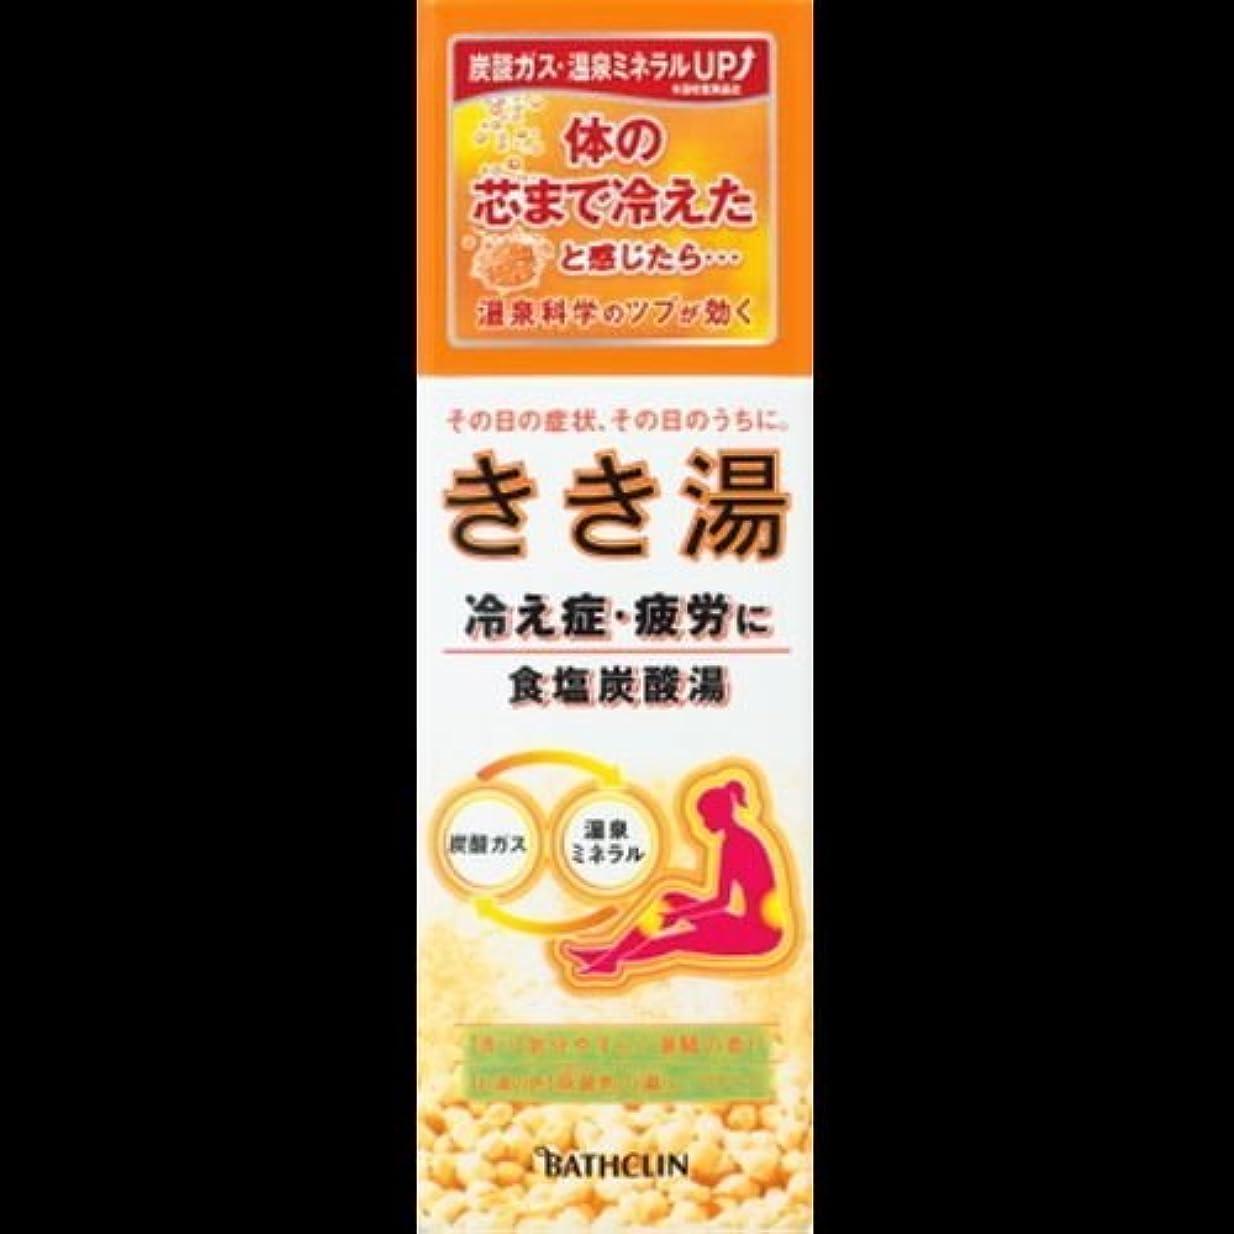 アマゾンジャングルコマンド行進【まとめ買い】きき湯 食塩炭酸湯 気分やすらぐ潮騒の香り萌黄色の湯(にごりタイプ) 360g ×2セット